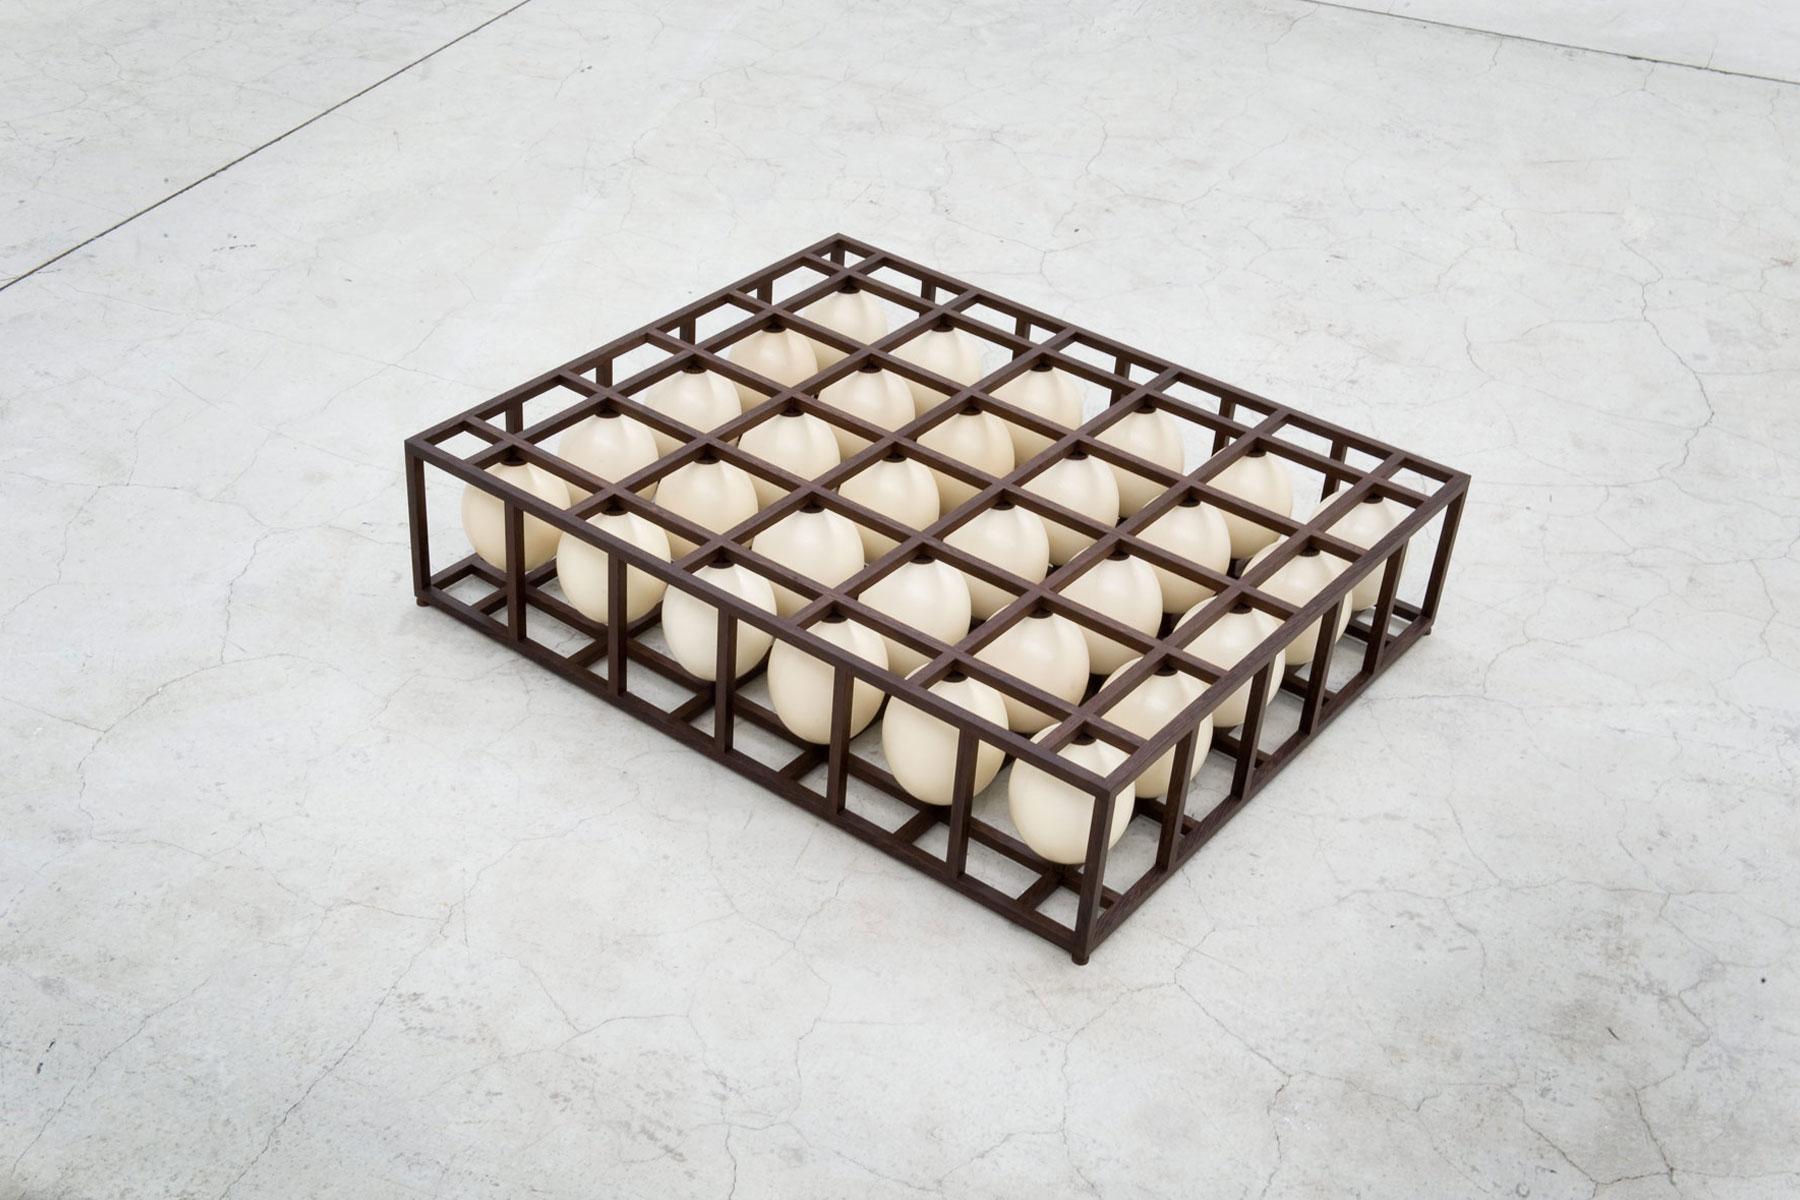 Alastair Mackie|So Linear|2011|egg|lattice|sculpture